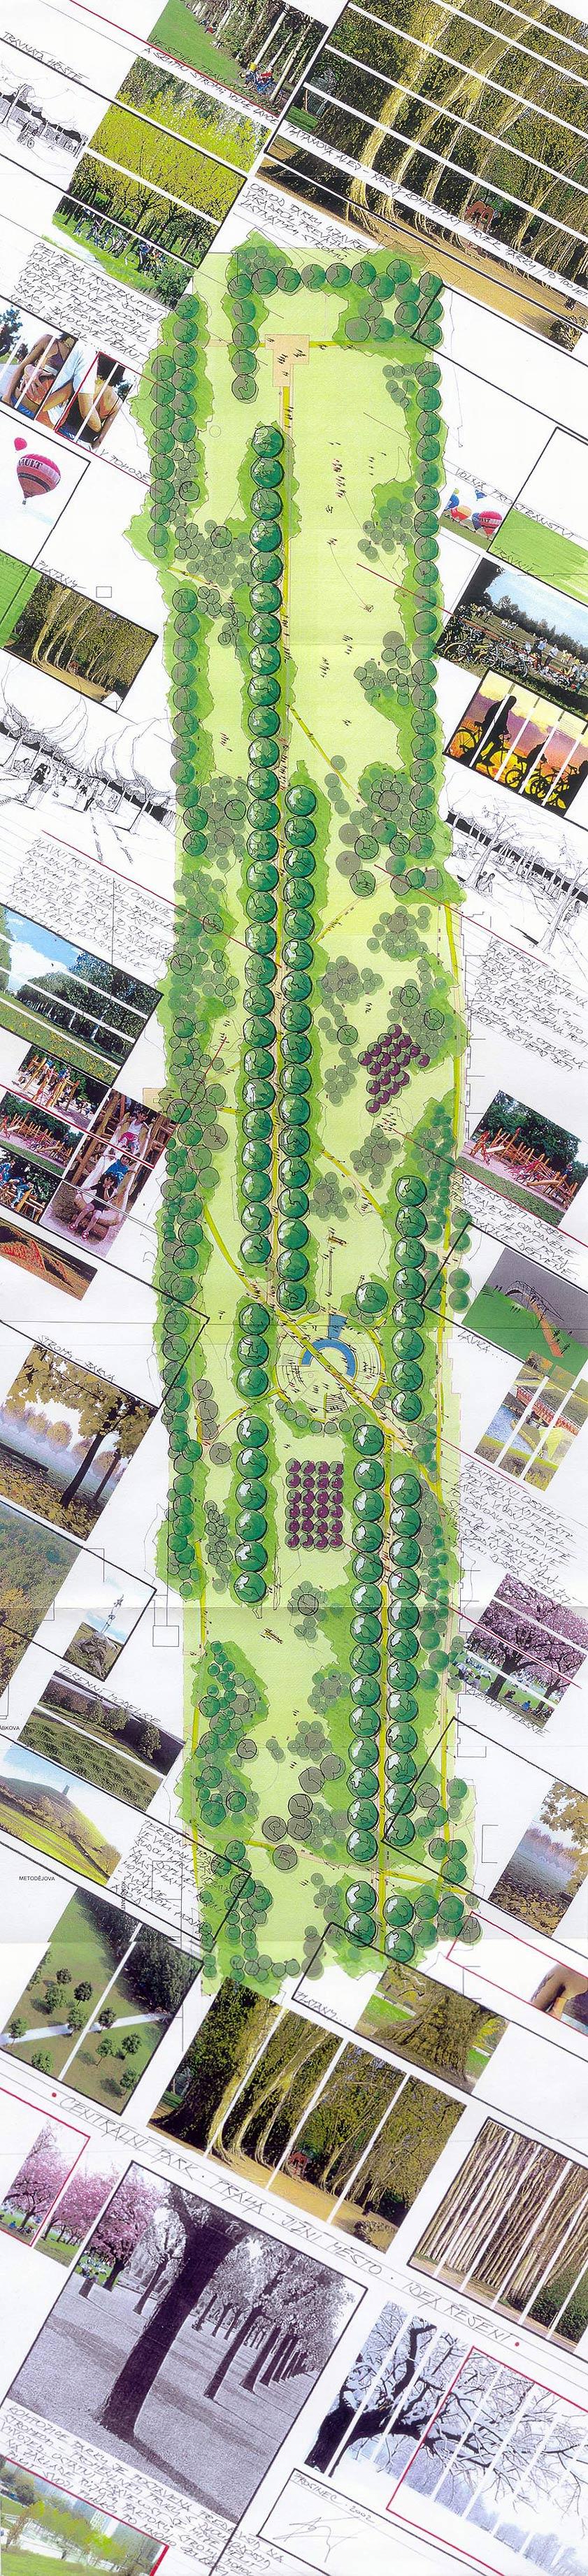 Studie stavby Centrálního parku, obrázek se otevře v novém okně